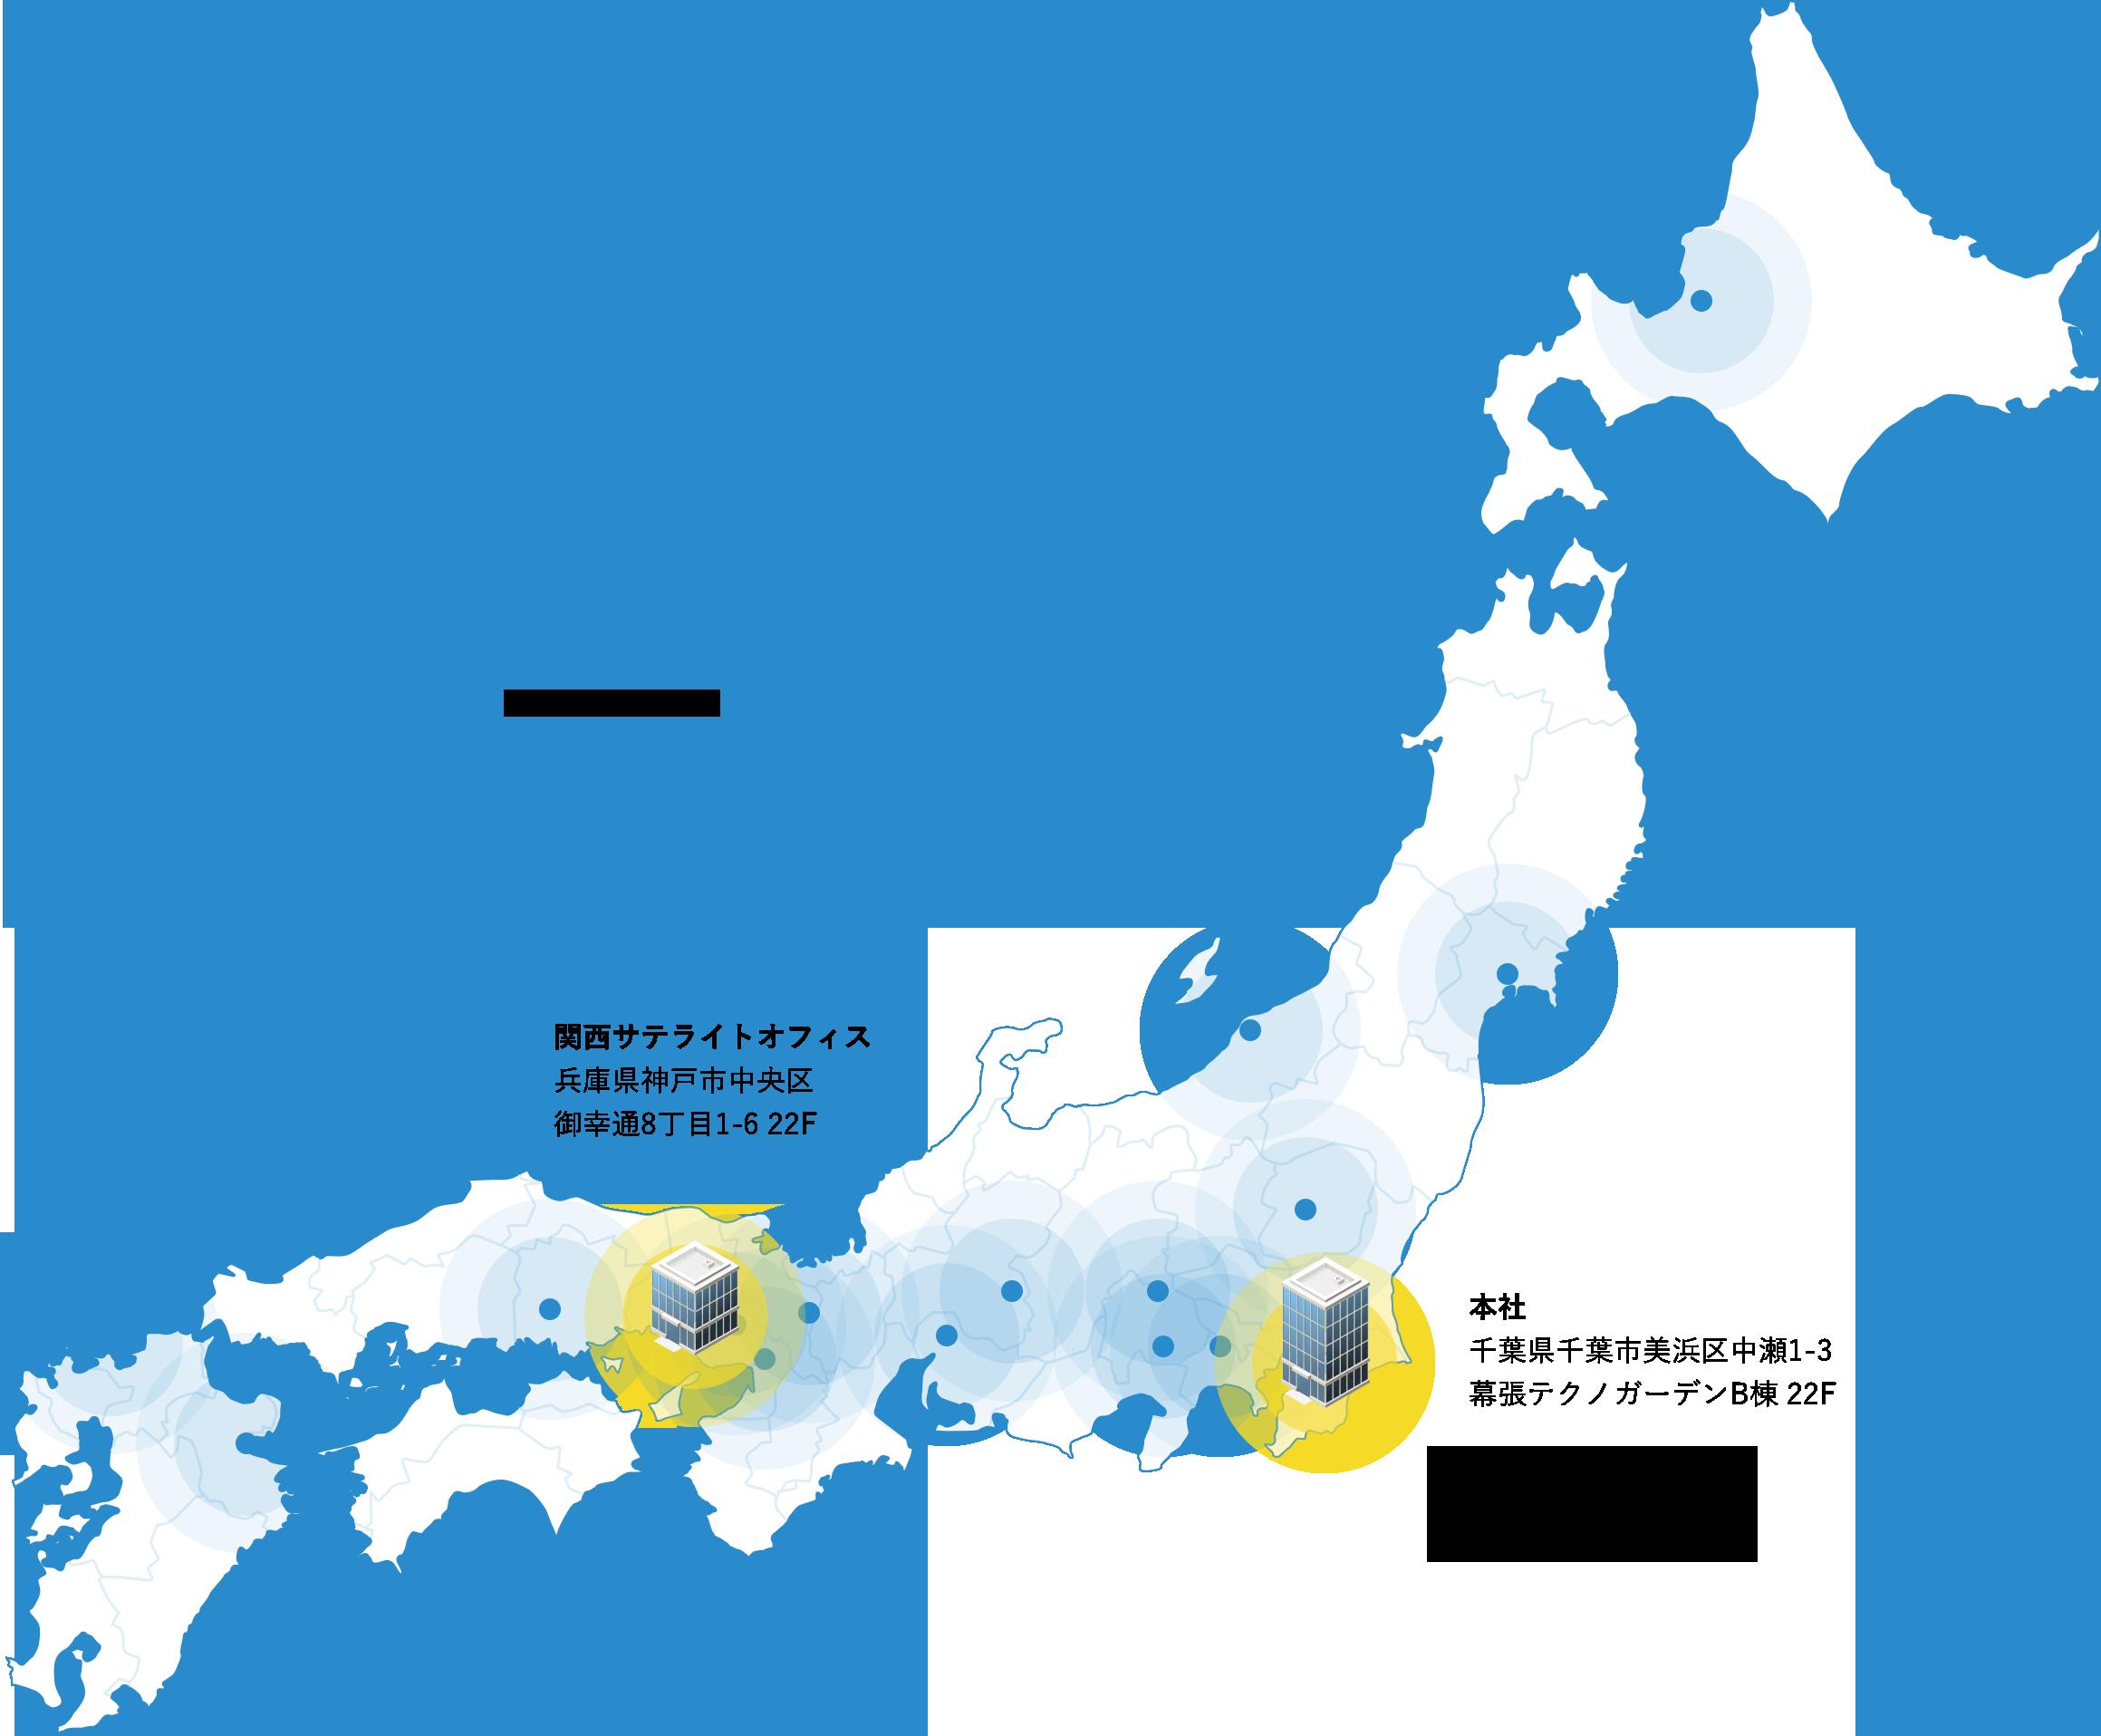 サービス拠点マップ